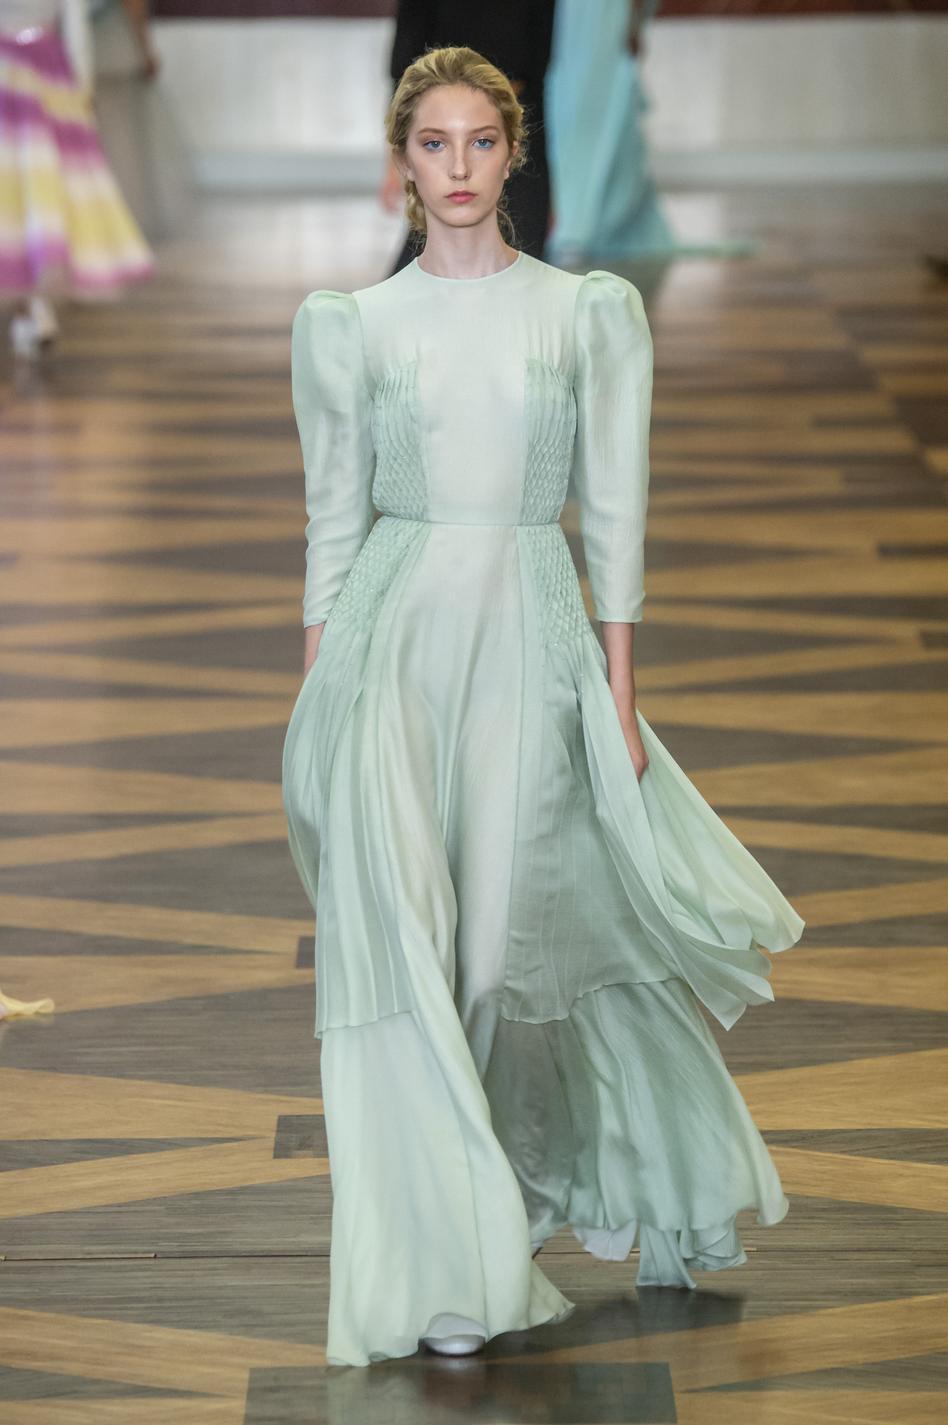 la Fashion Week haute couture automne,hiver 2018,2019 , Schiaparelli  Les robes de rêves repérées à la Fashion Week haute couture automne,hiver  2018,2019